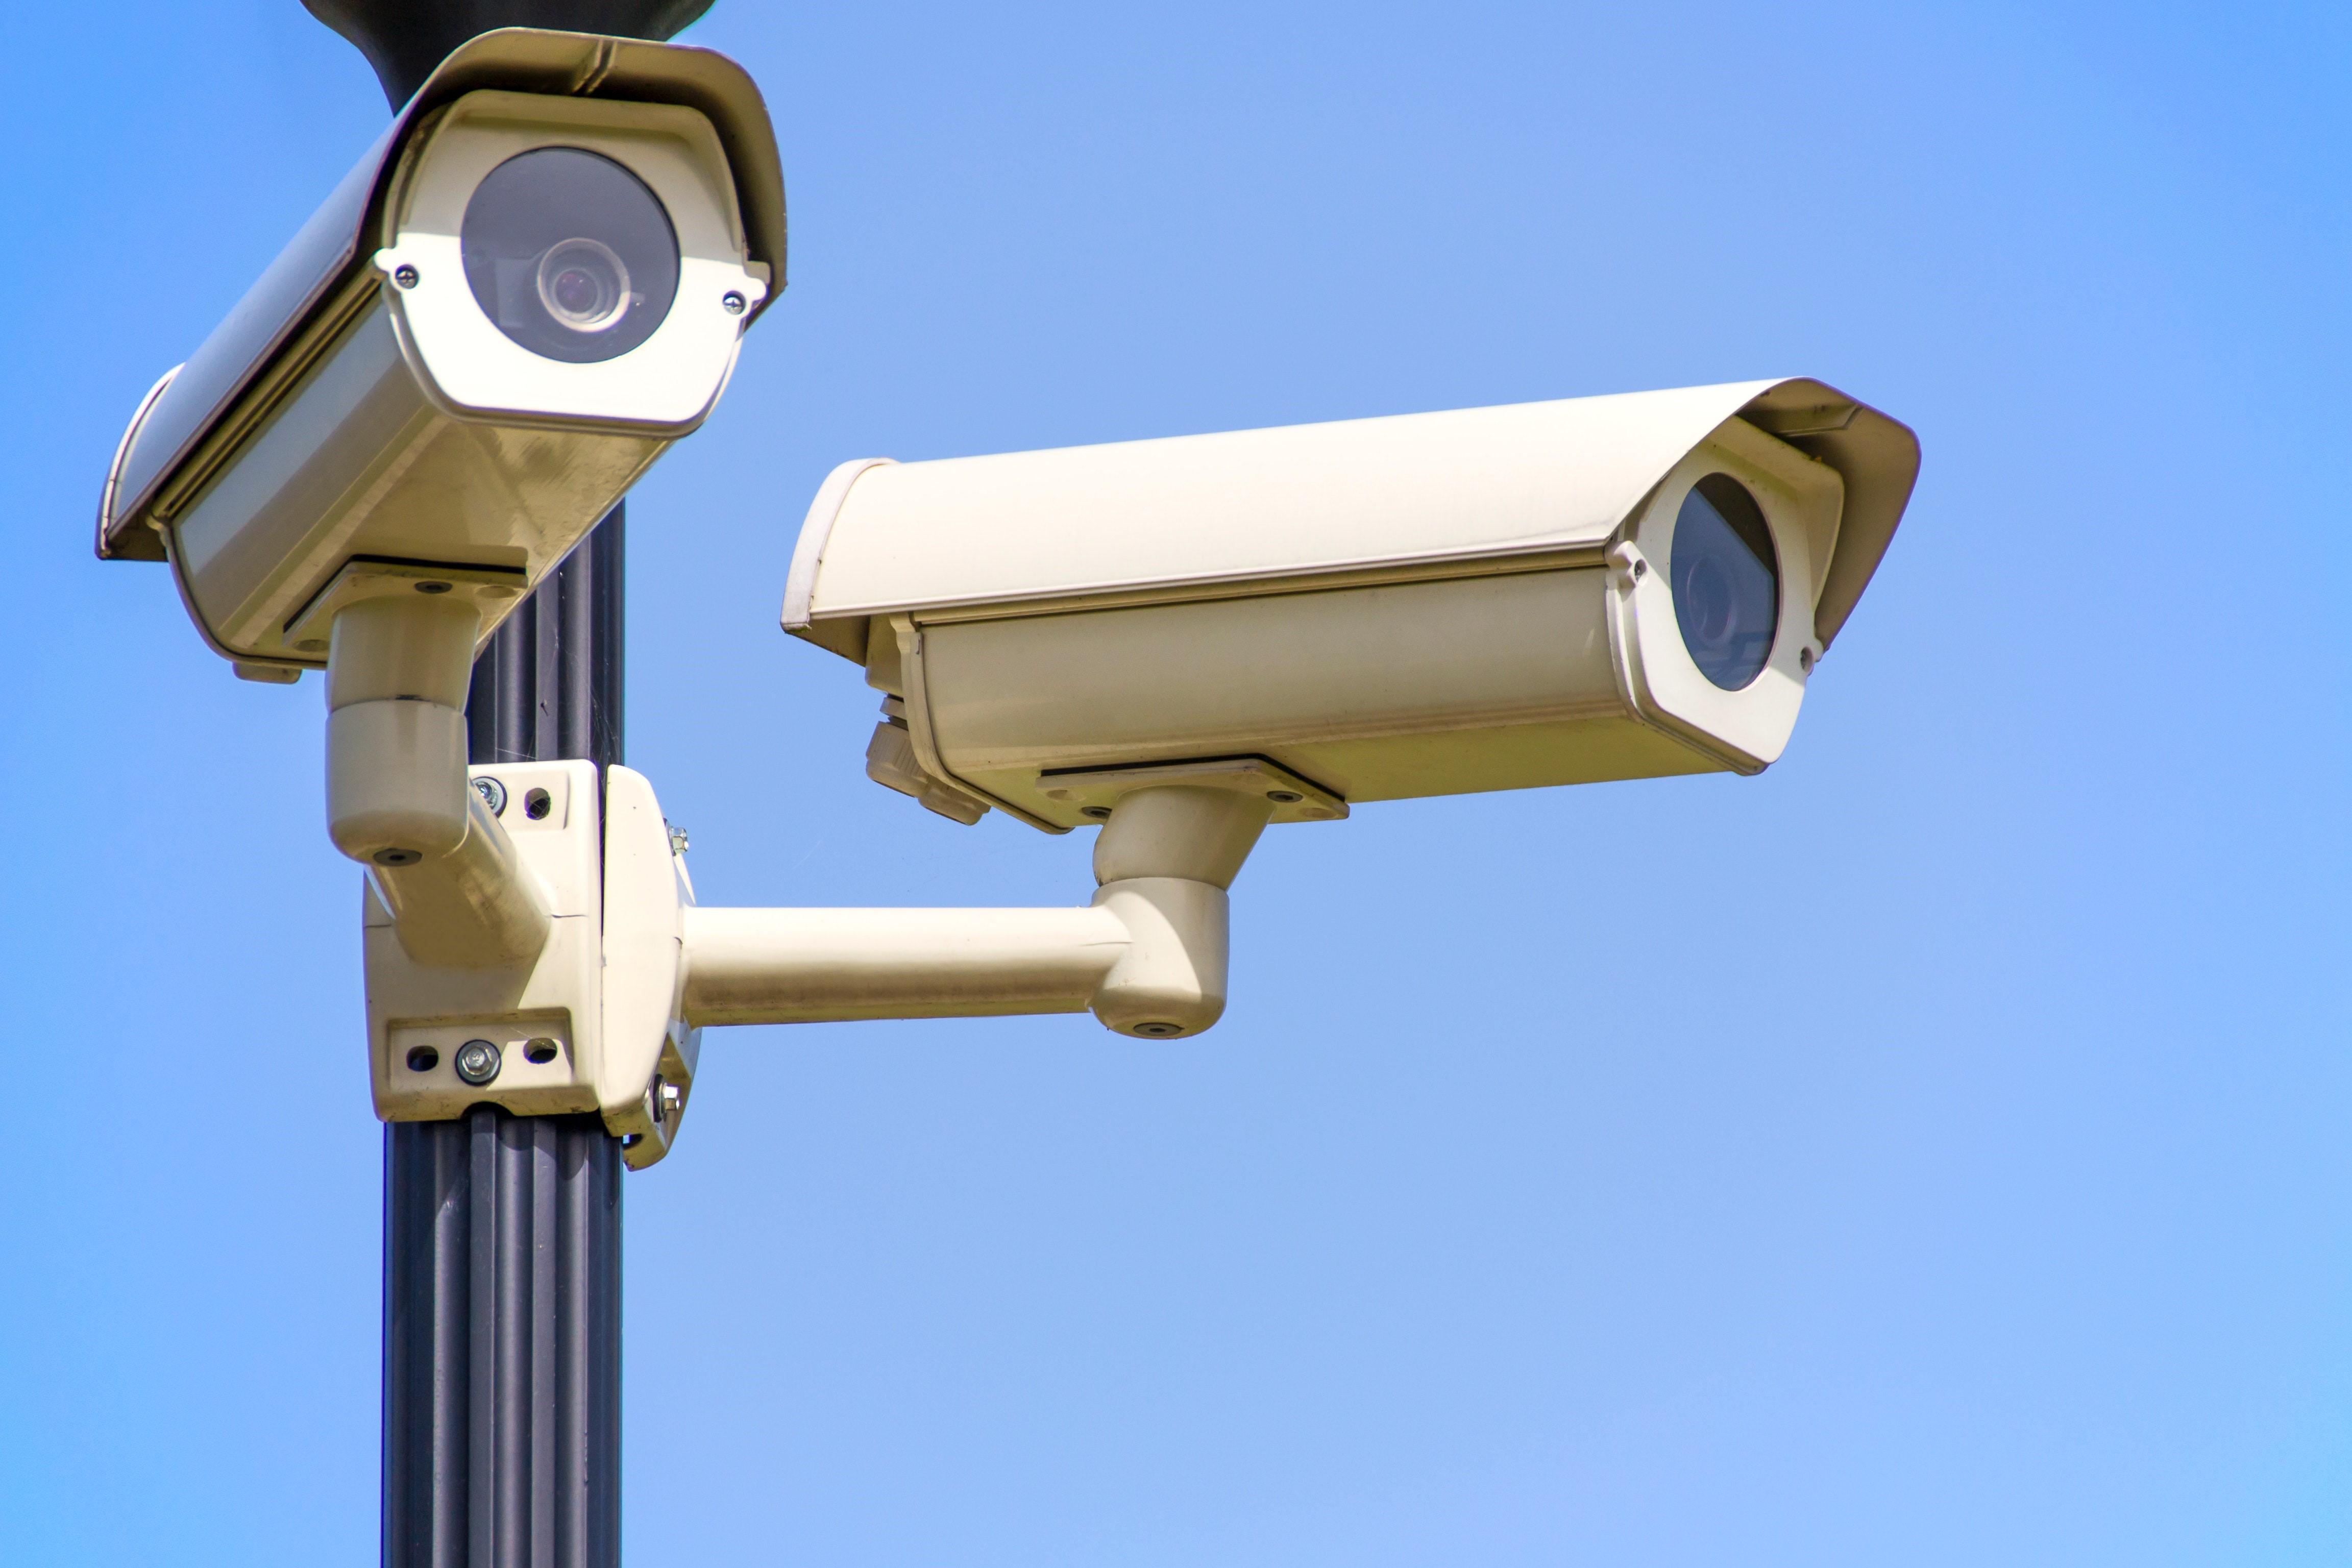 cloud-based surveillance